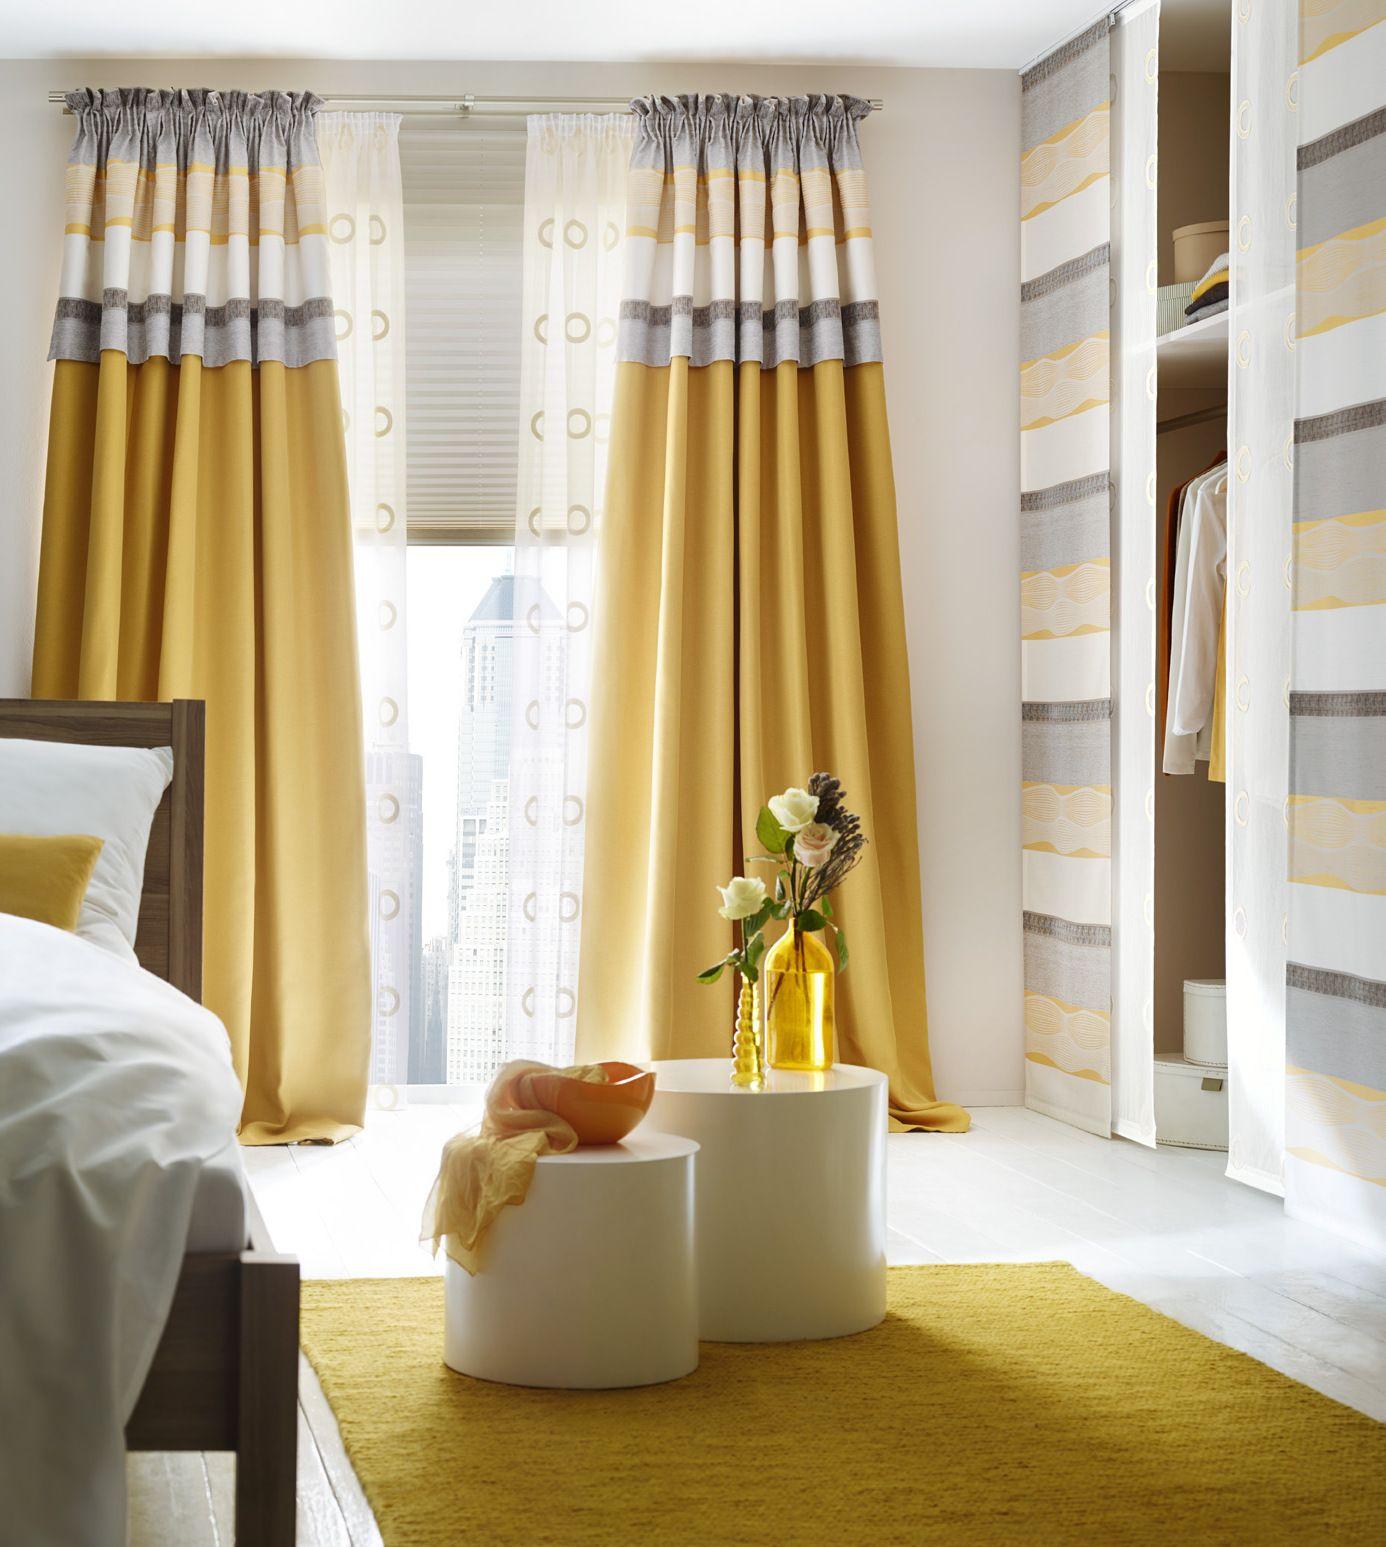 Gardinen Rollos Jalousien fenster honey de luxe gardinen dekostoffe vorhang wohnstoffe